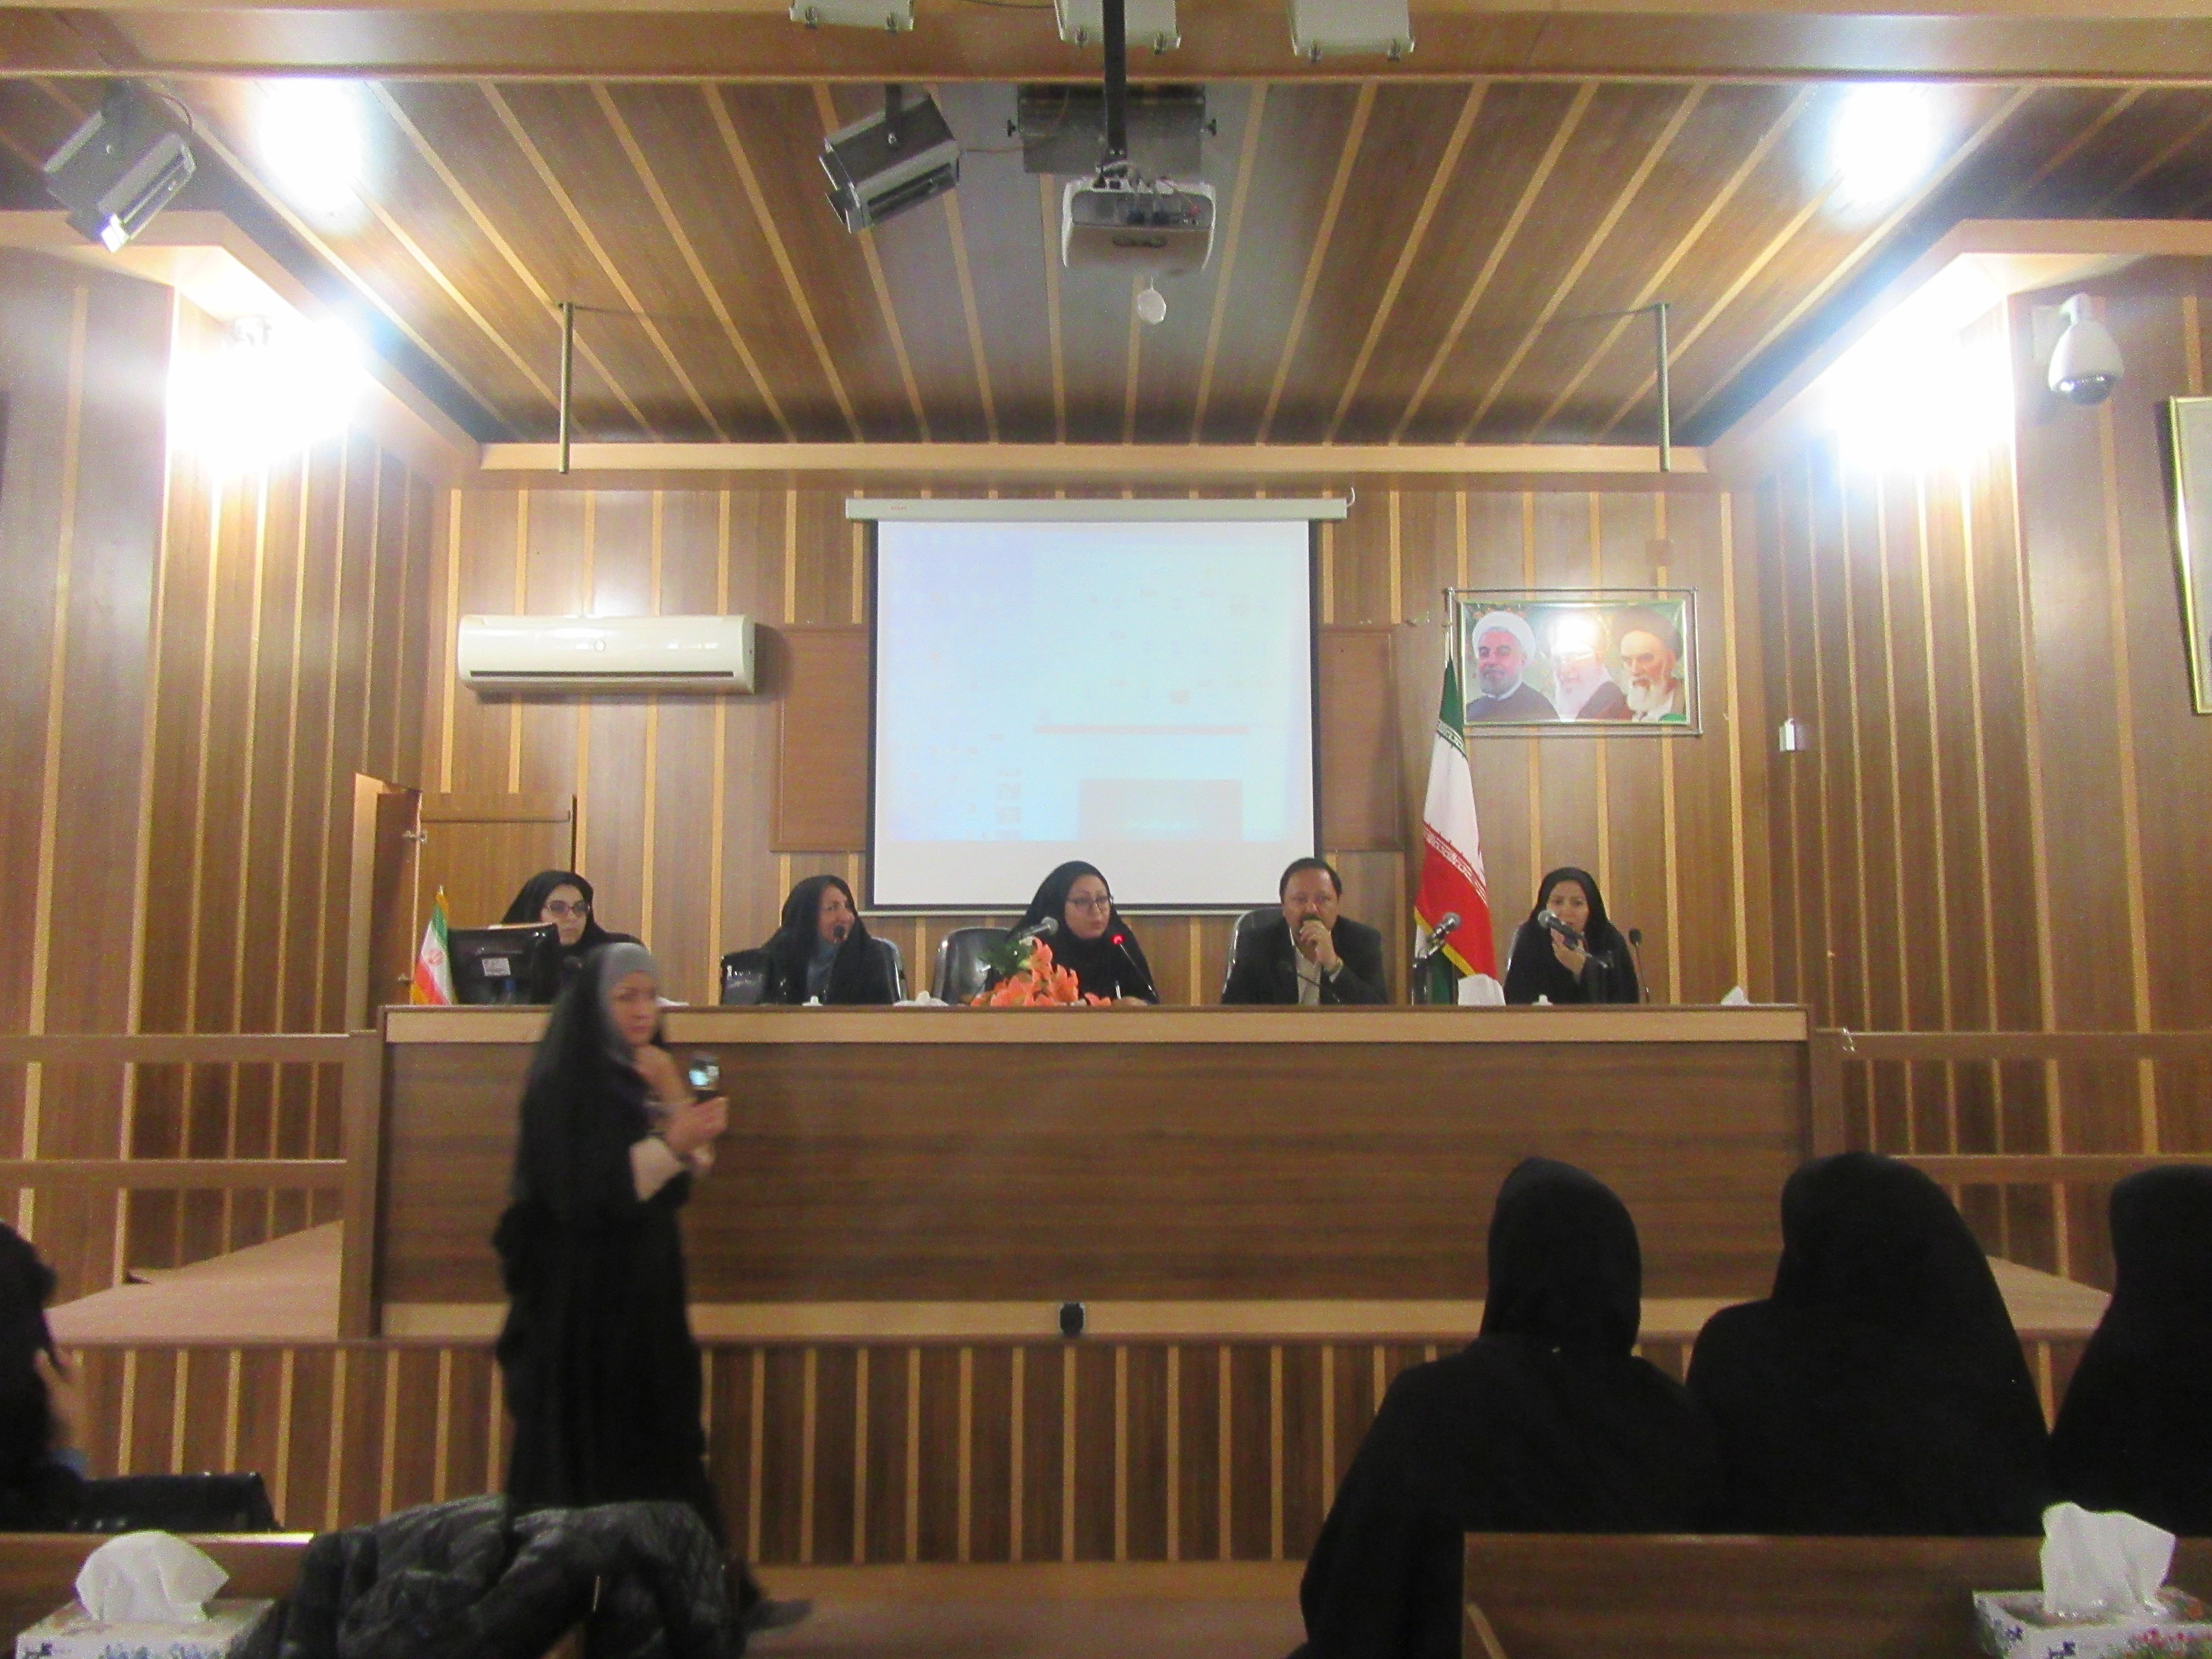 جلسه مجمع مشورتی بانوان شهرستان خواف برگزار شد